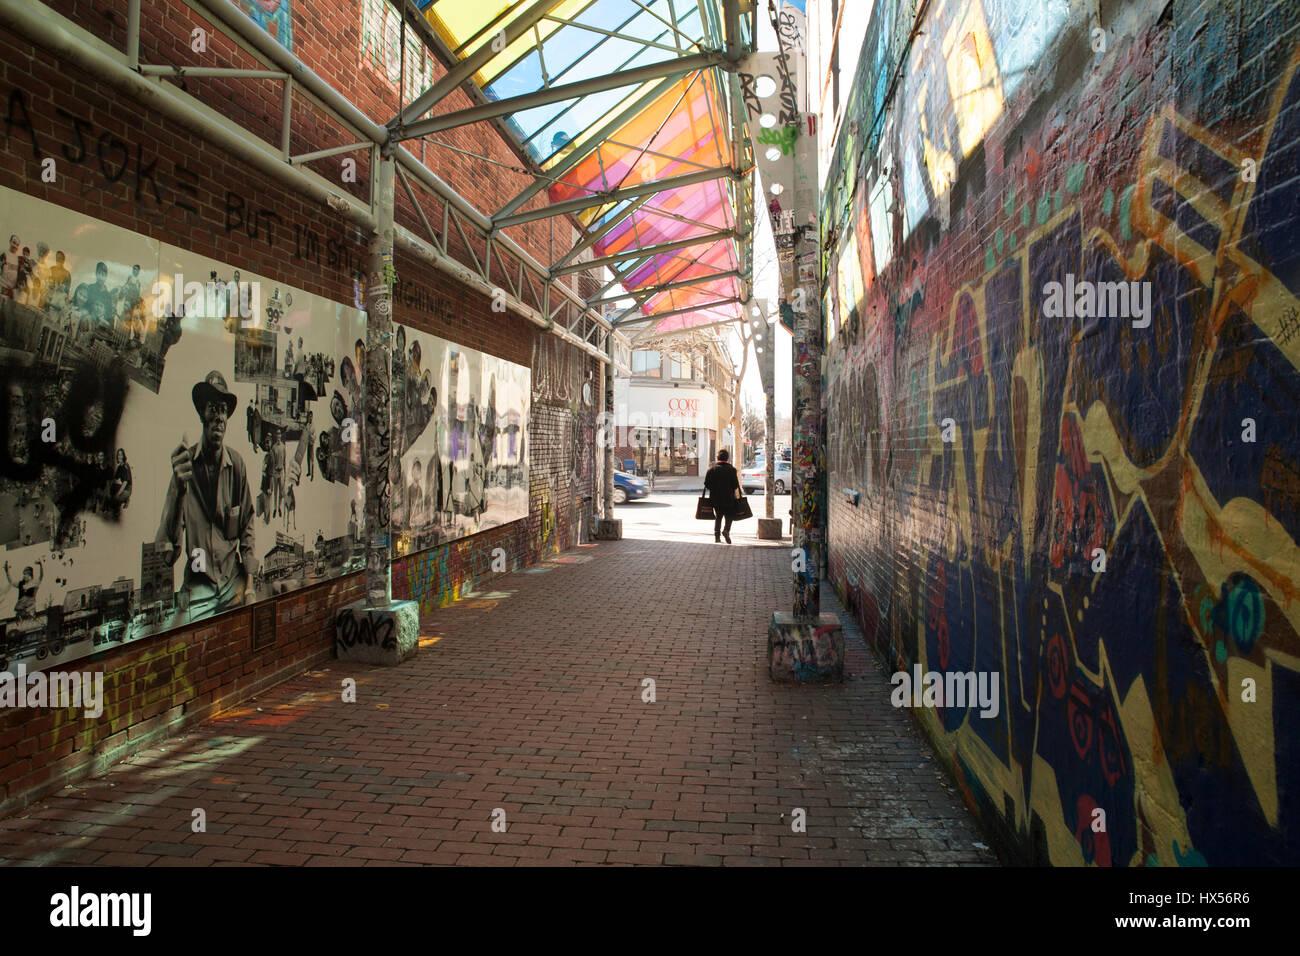 Graffiti wall cambridge ma - Public Art And Graffiti In Central Square Cambridge Massachusetts